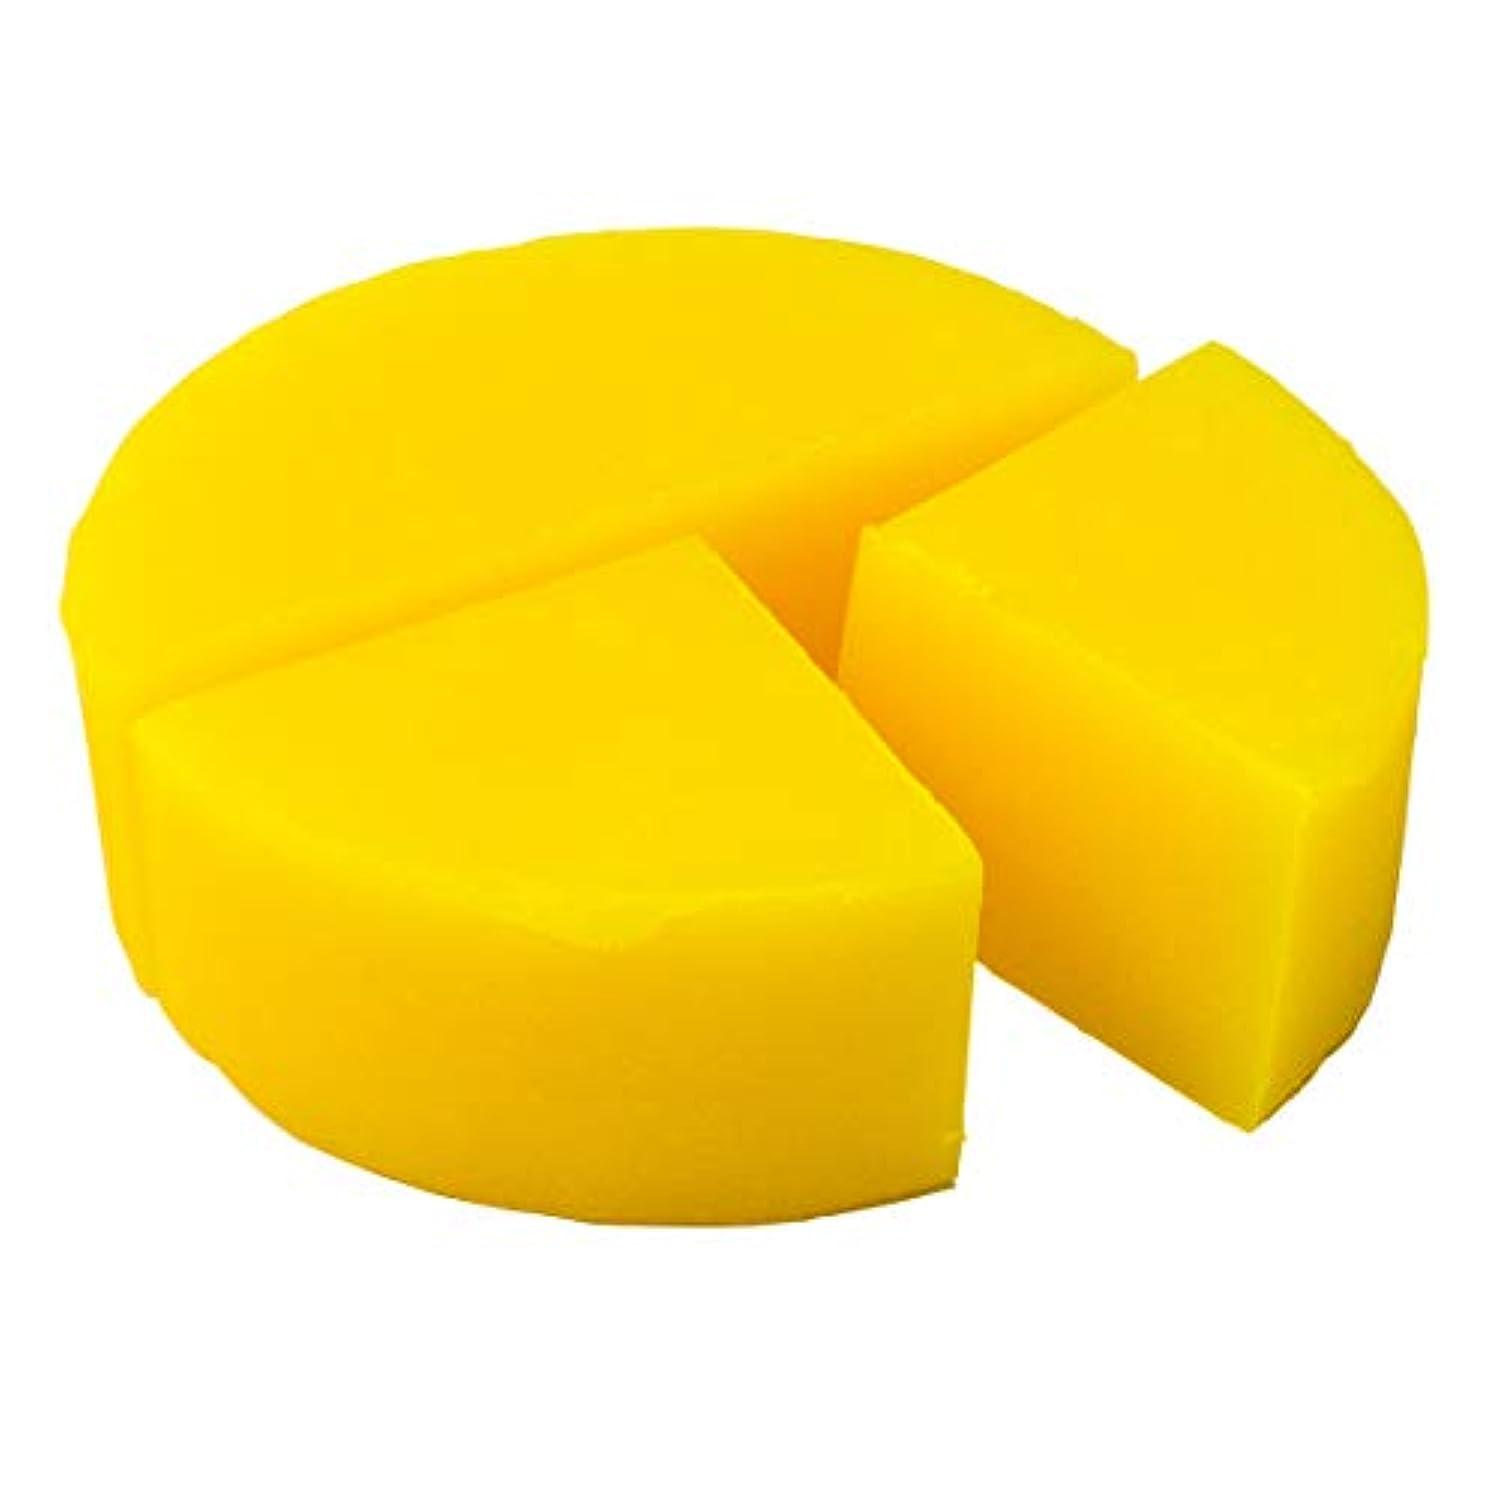 制限する目覚める謎グリセリン クリアソープ (MPソープ) 色チップ 黄 100g